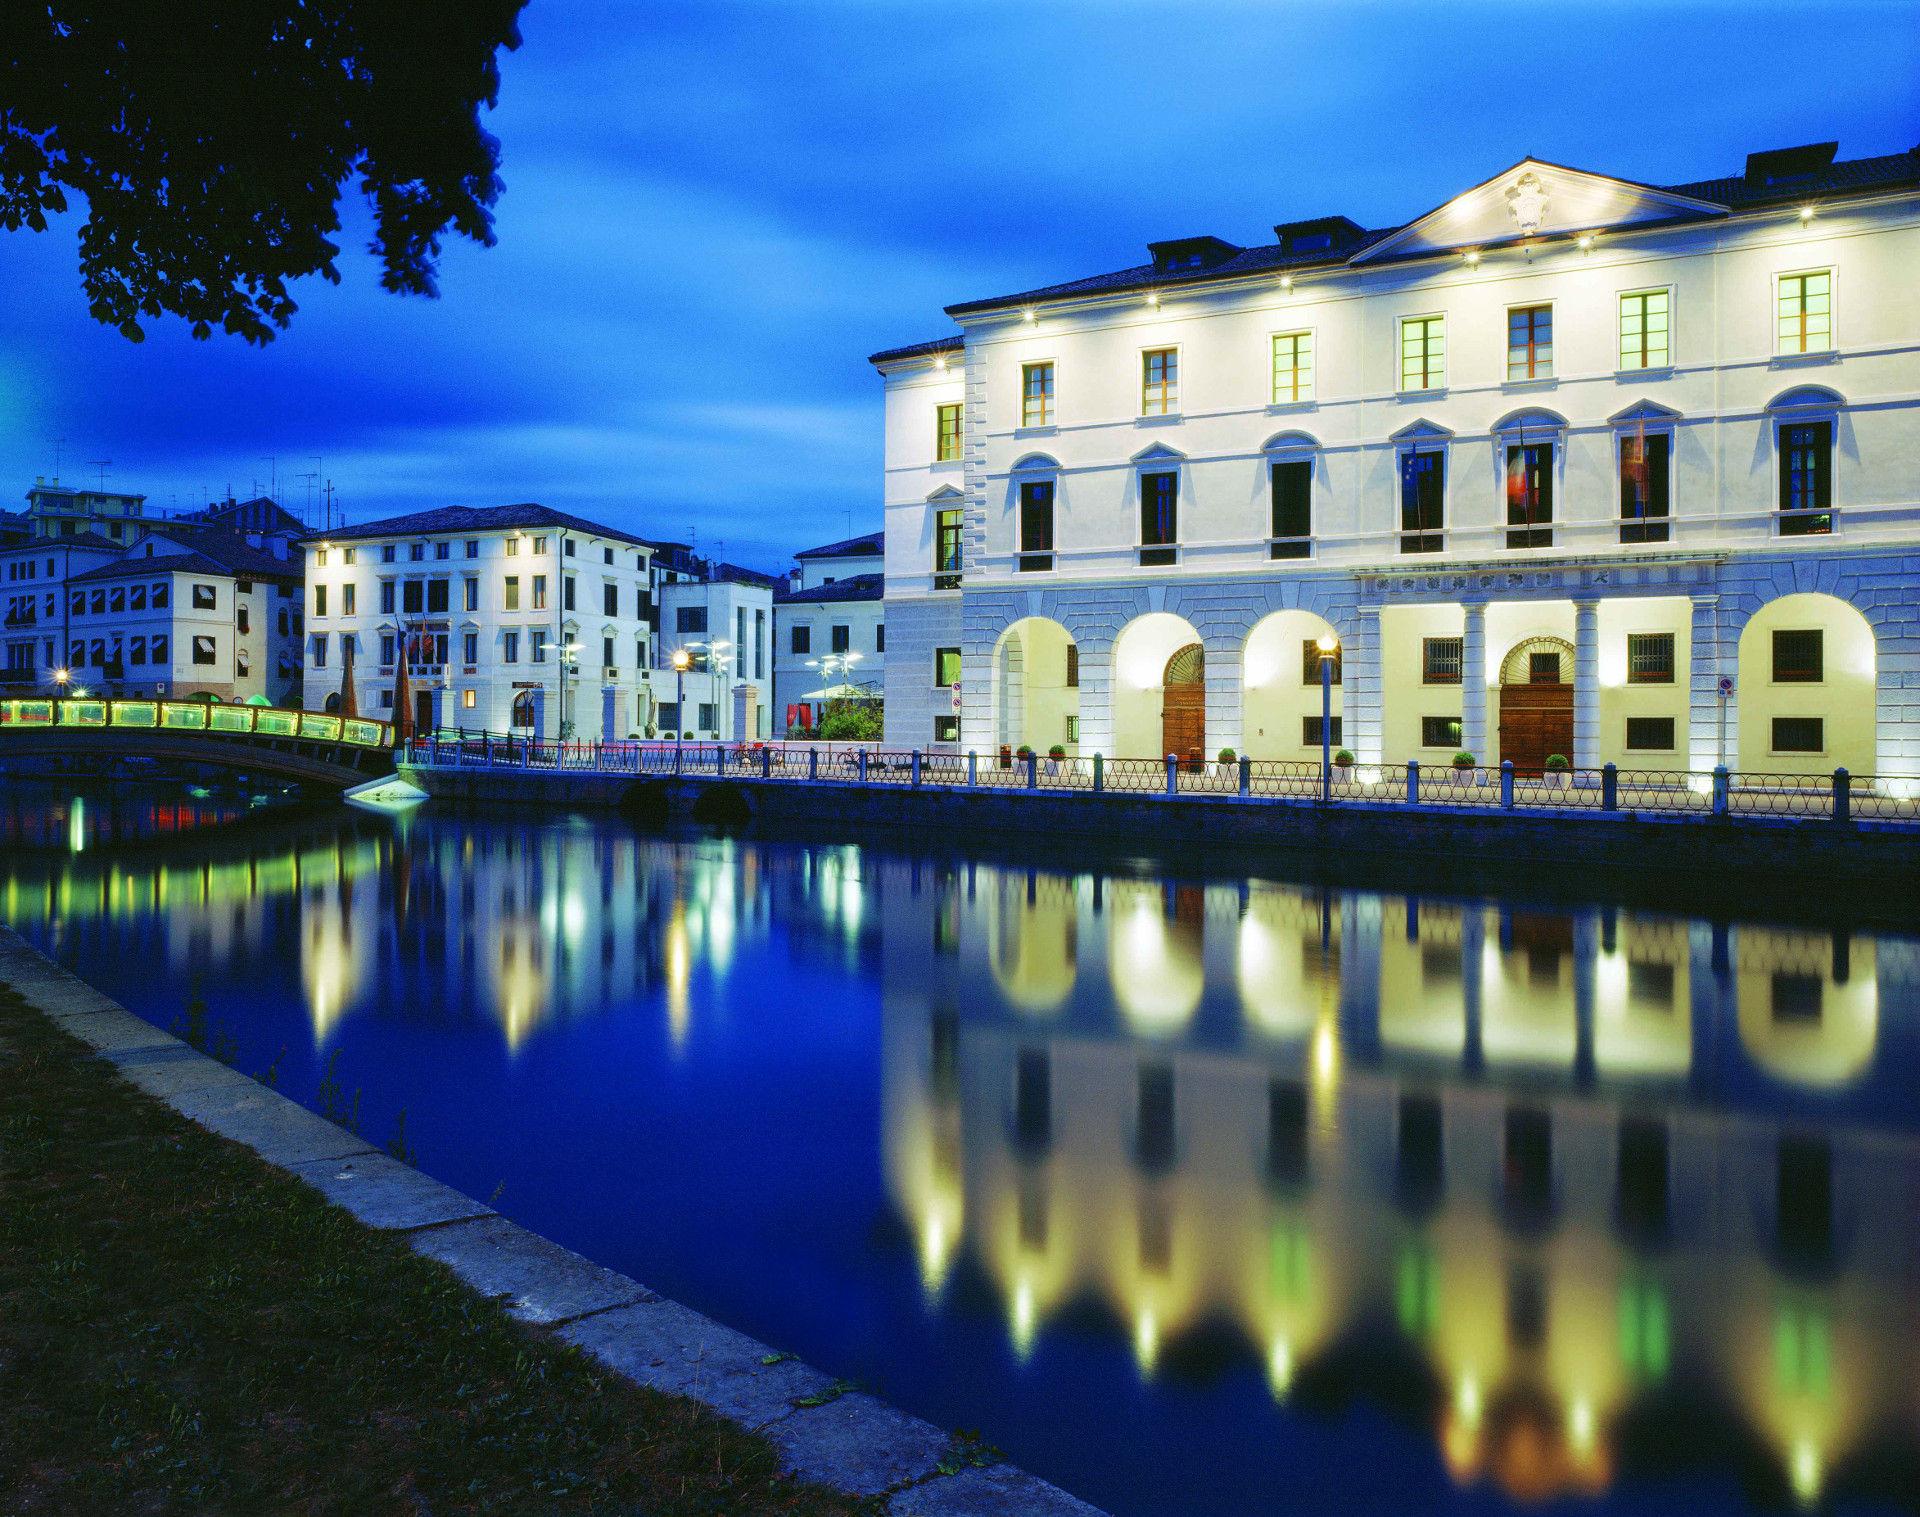 Il Quartiere Latino di Treviso - image 10